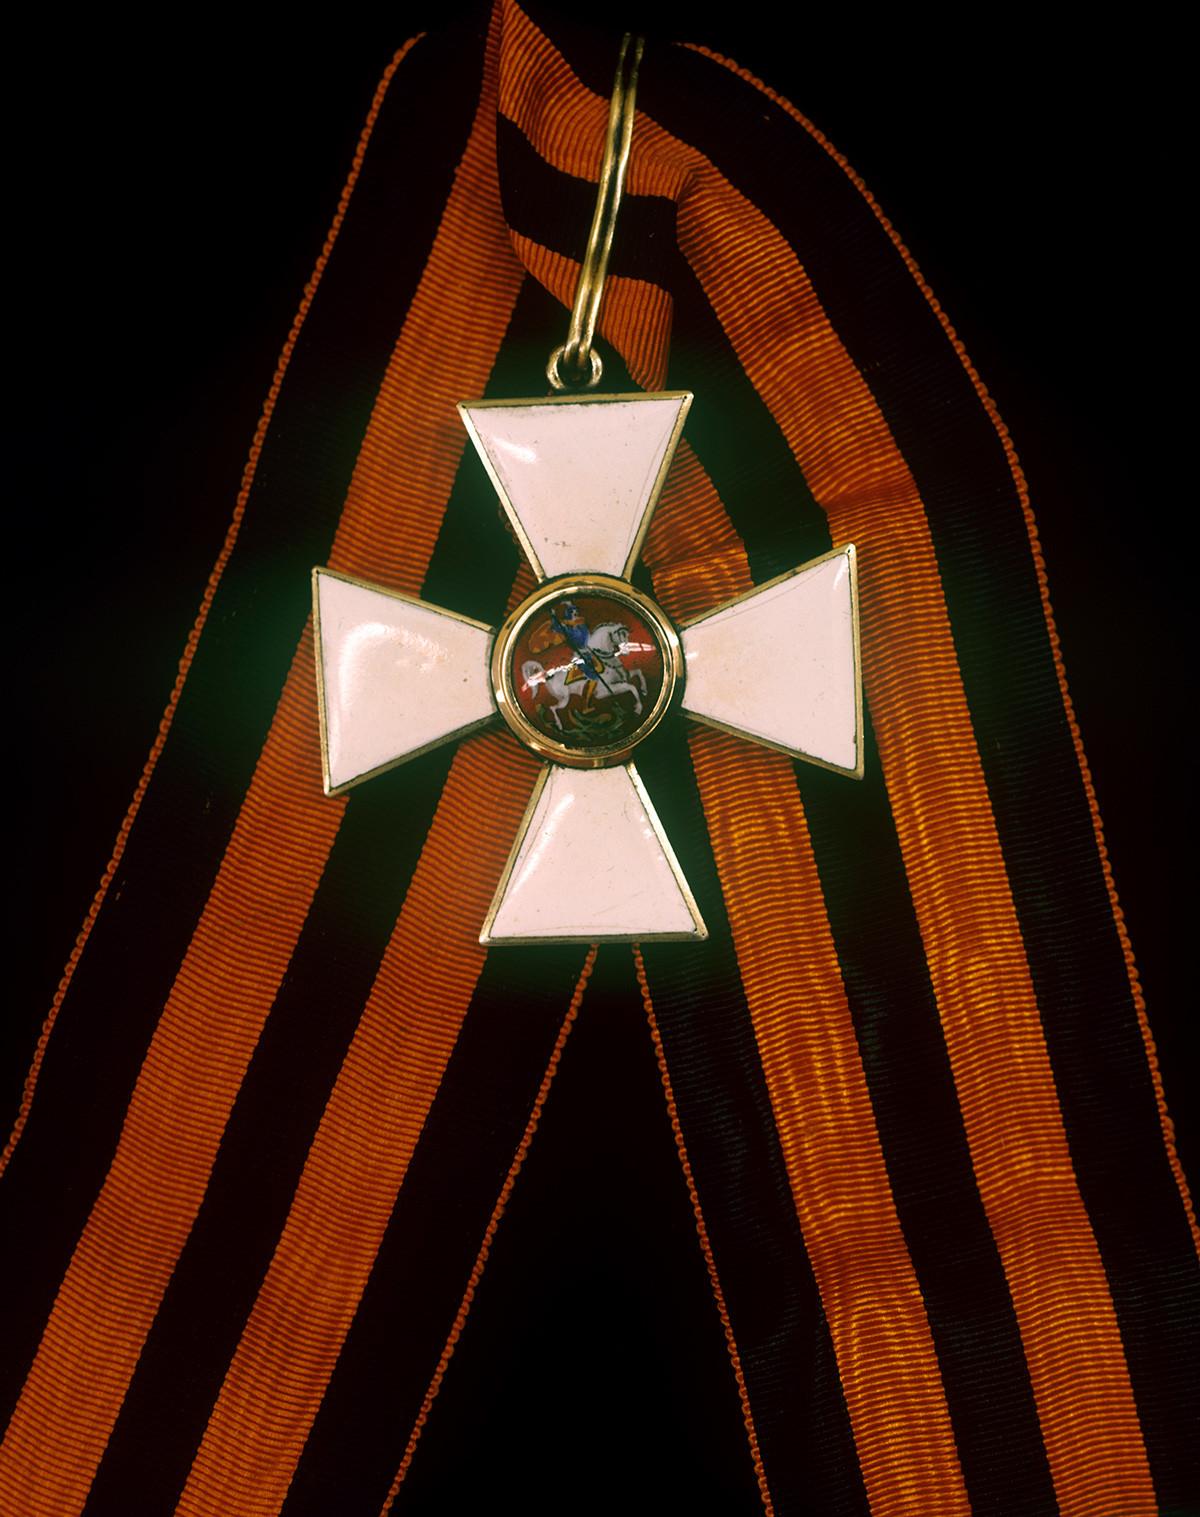 Императорски војни орден светог великомученика и победоносца Георгија (Орден светог Георгија), највише војно признање у Руској империји. Увела га је императорка Катарина Друга 26. новембра 1769. године.